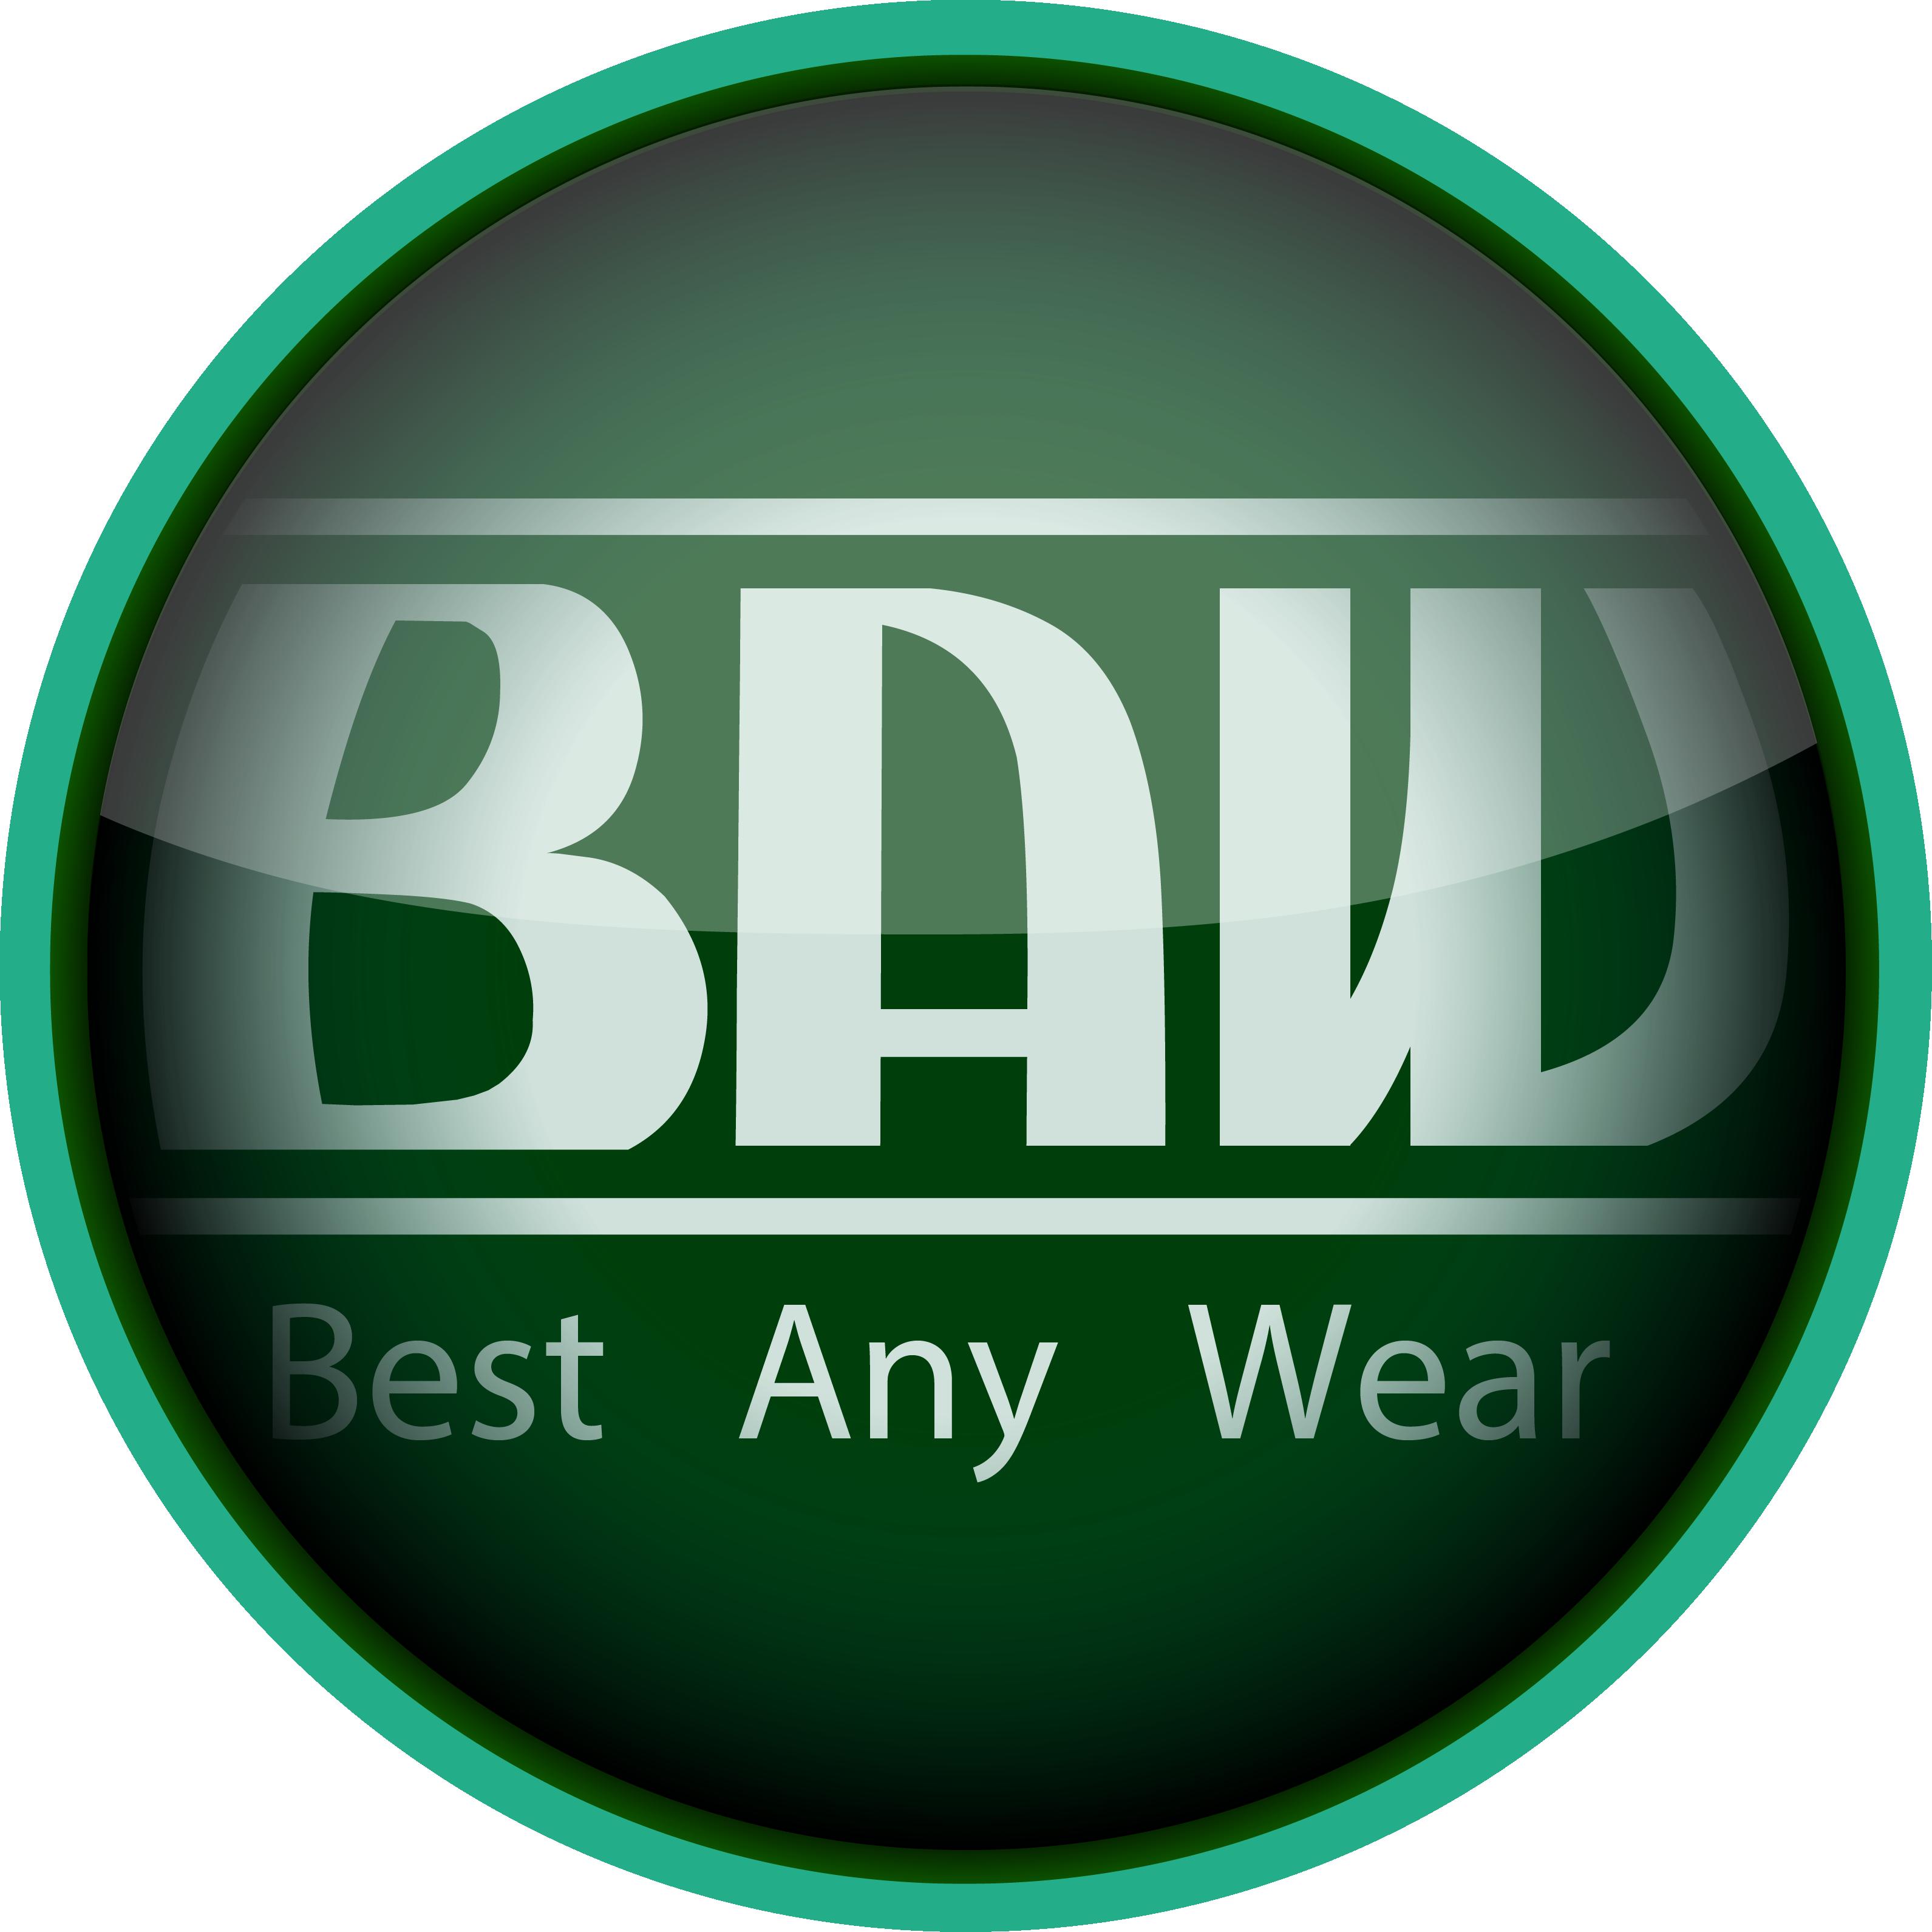 Best Any Wear